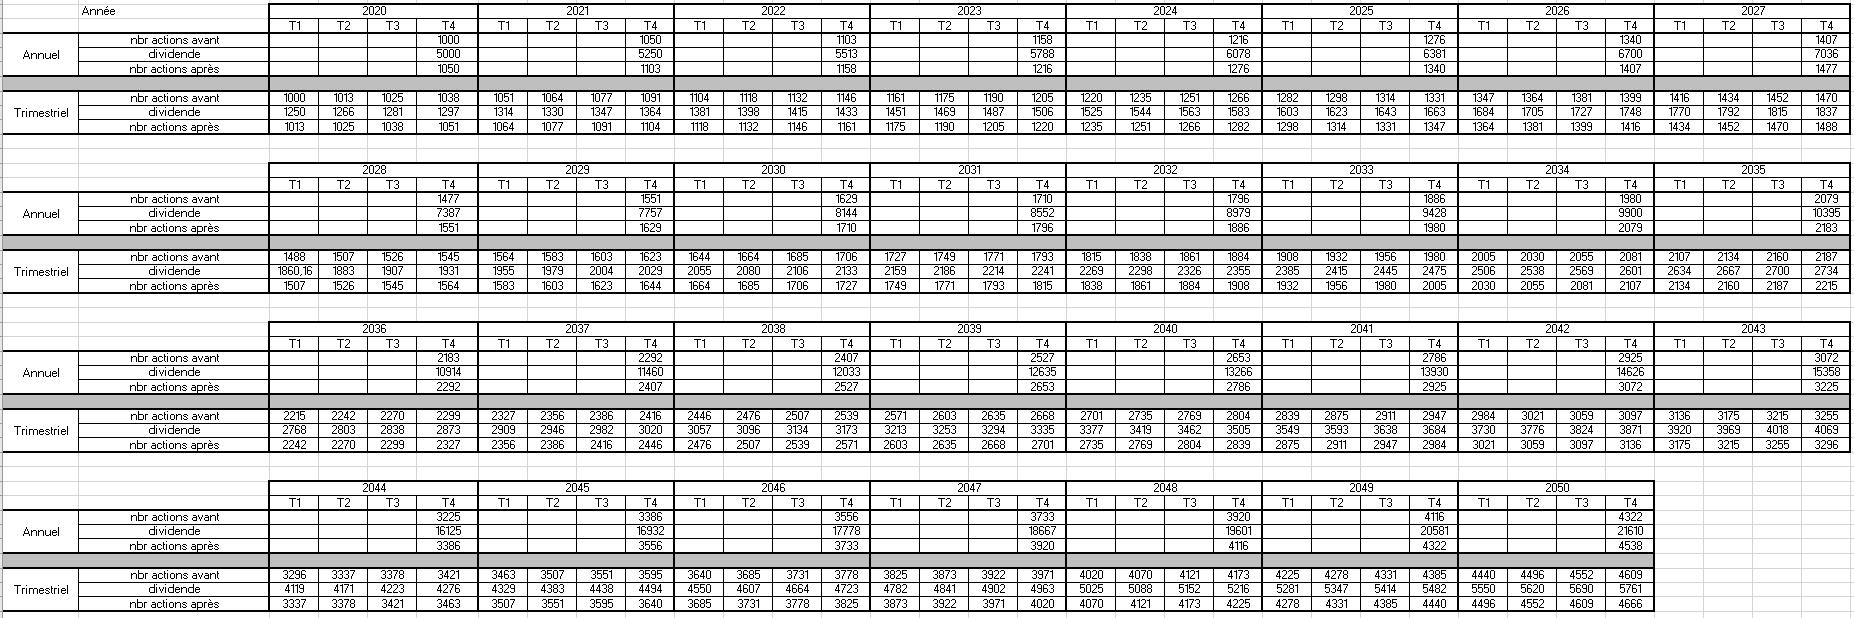 comparaison dividendes trimestriels vs dividendes annuels